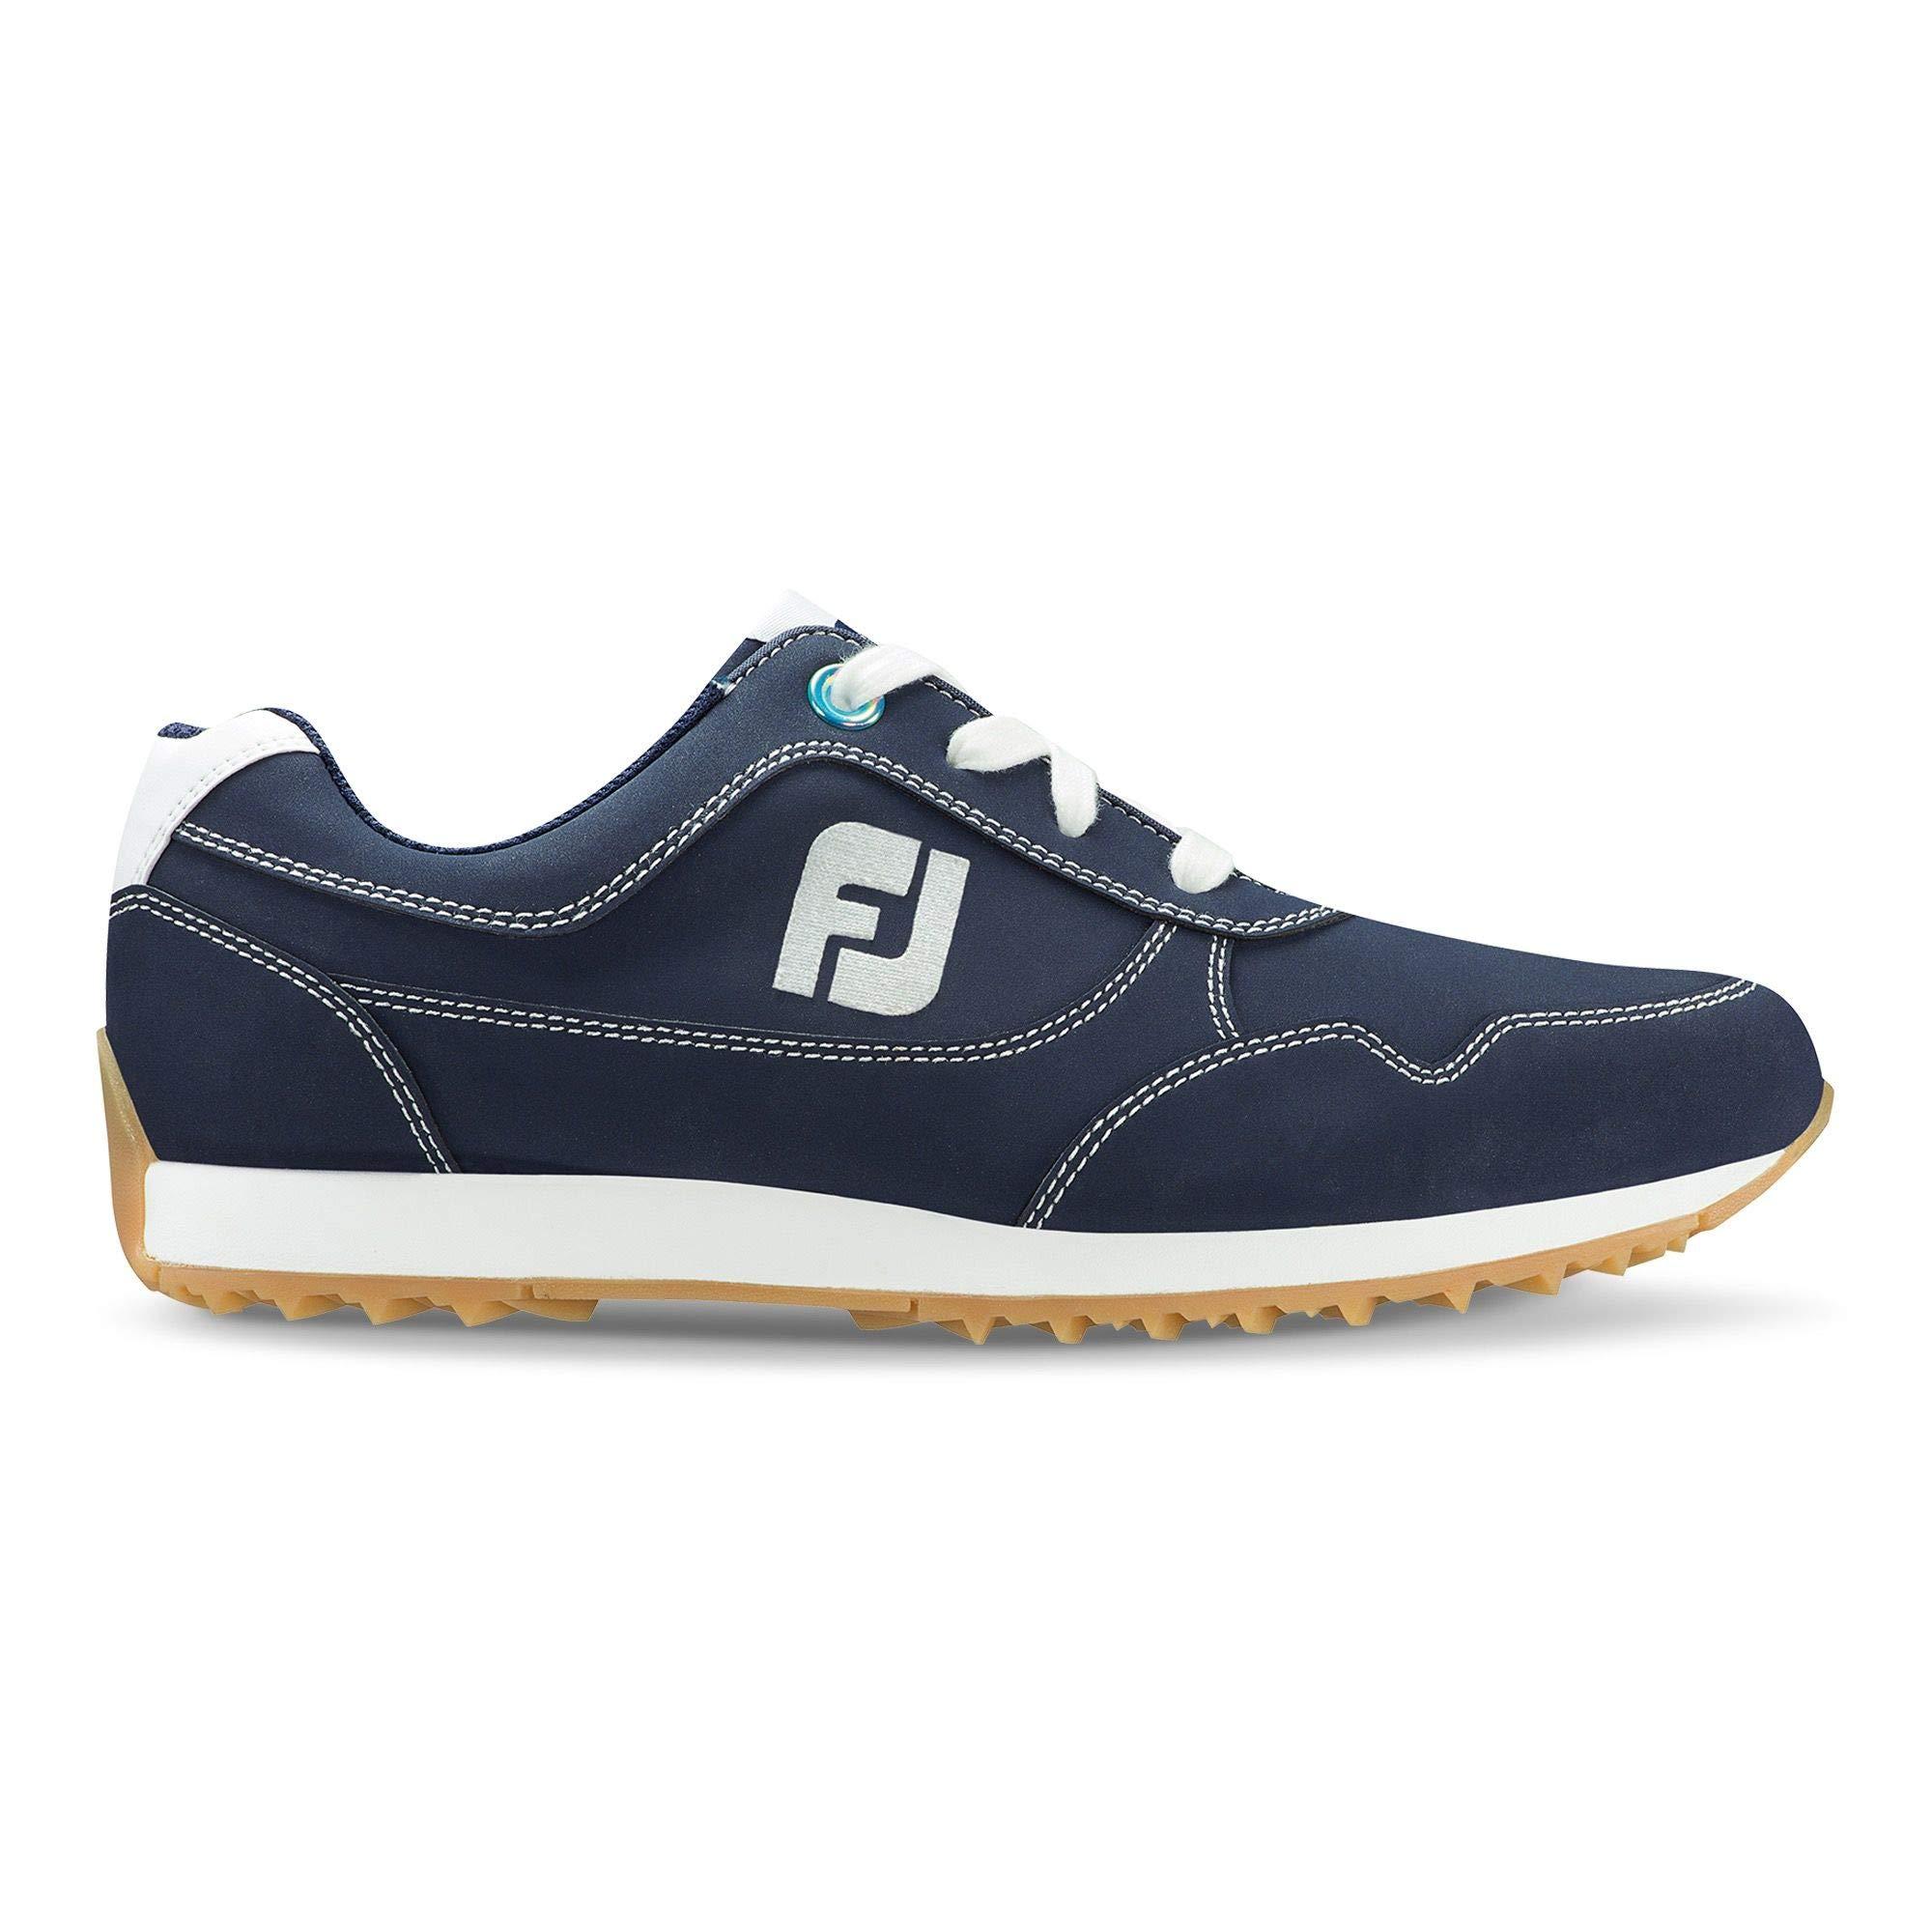 FootJoy Women's Sport Retro Golf Shoes Blue 8 W, Navy, US by FootJoy